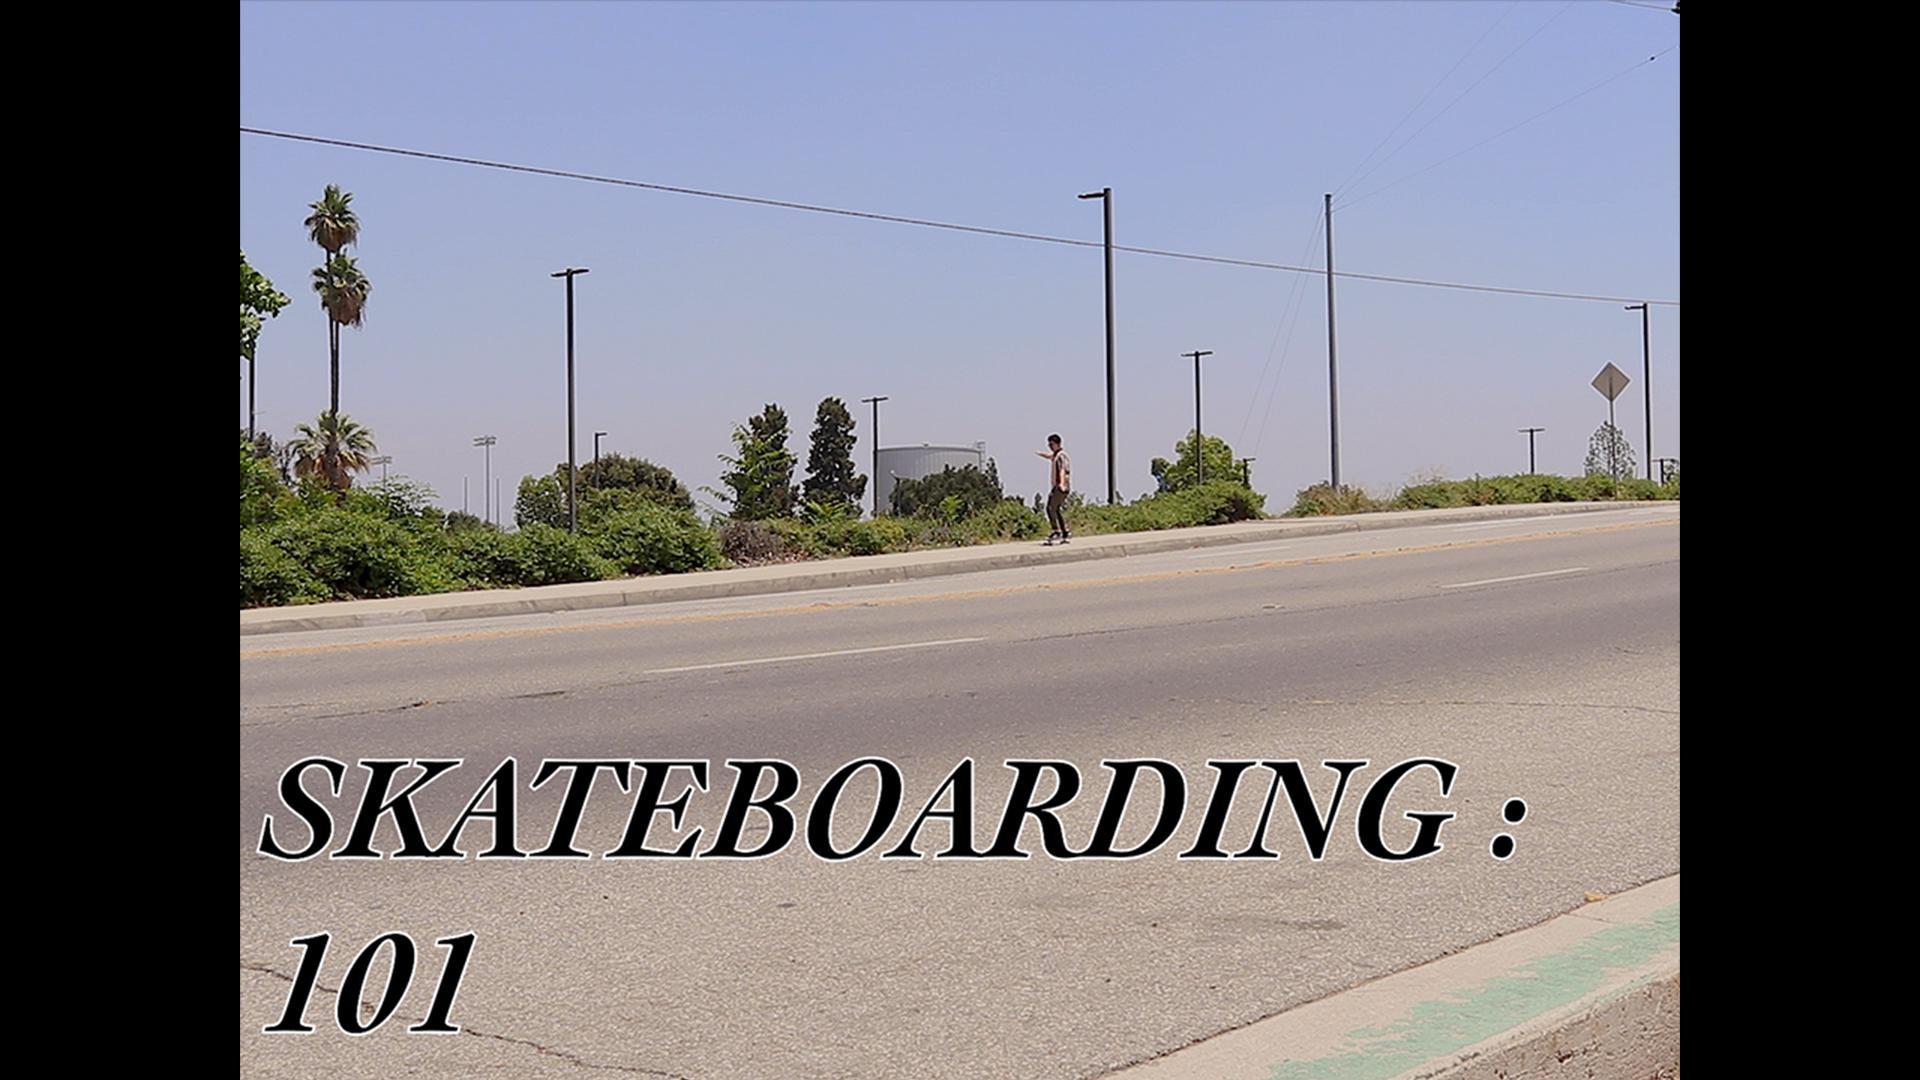 Skateboarding: 101